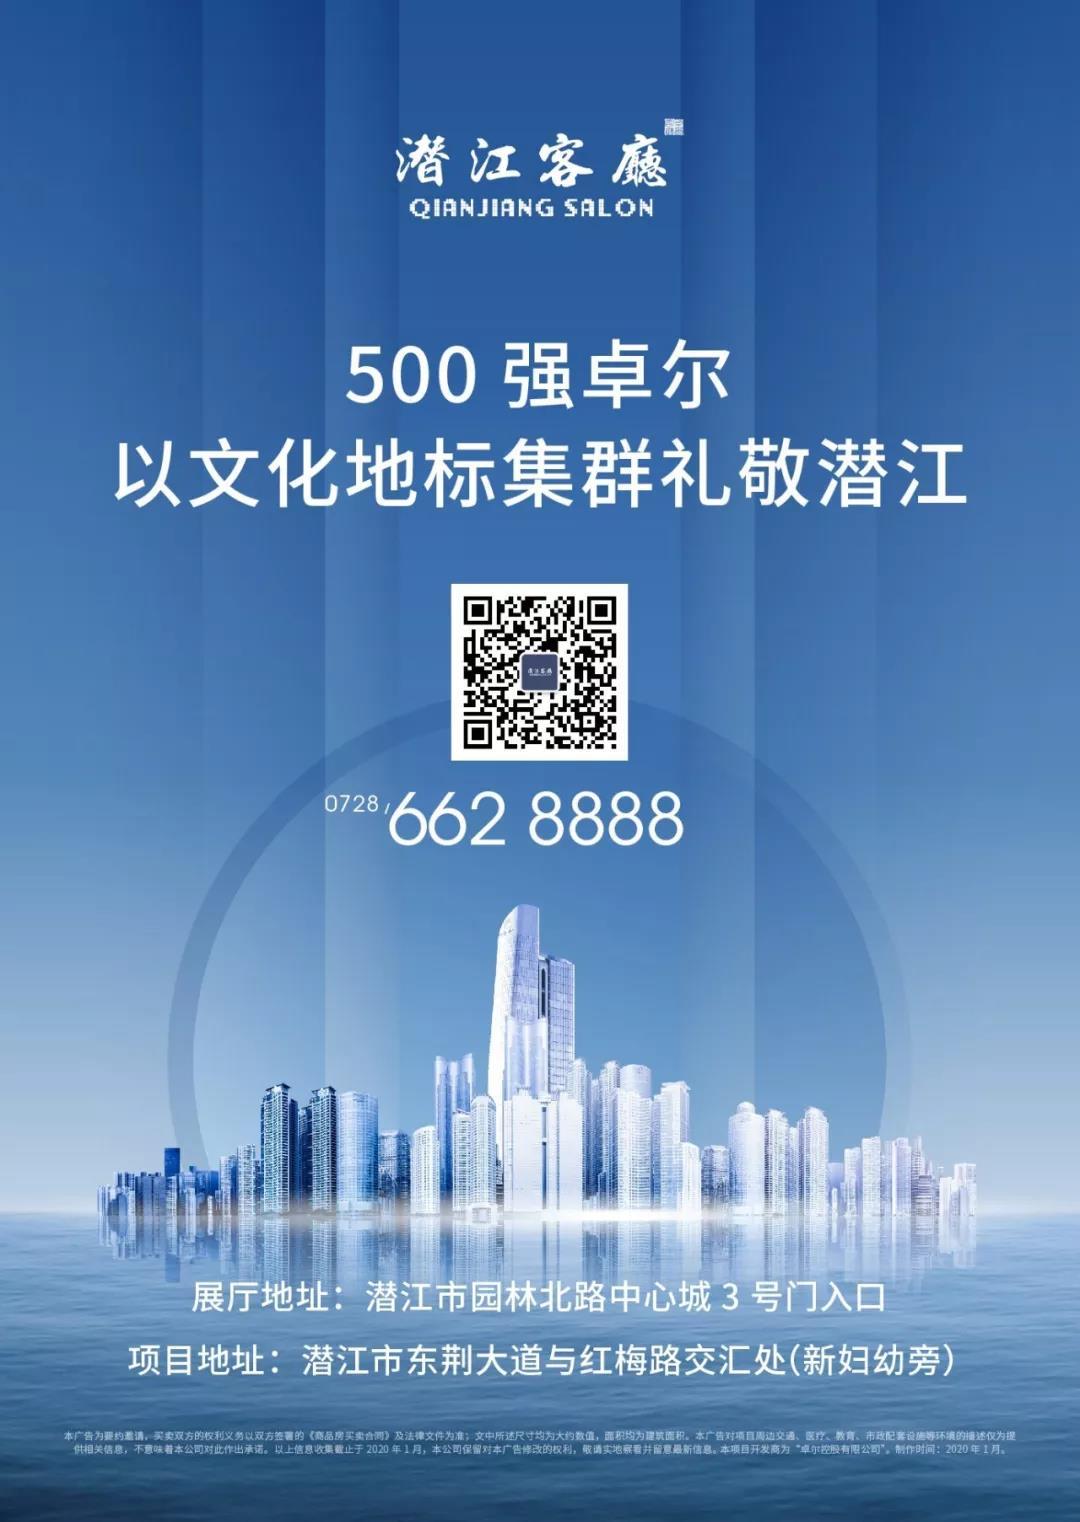 2020012318545325308fadgib.jpg